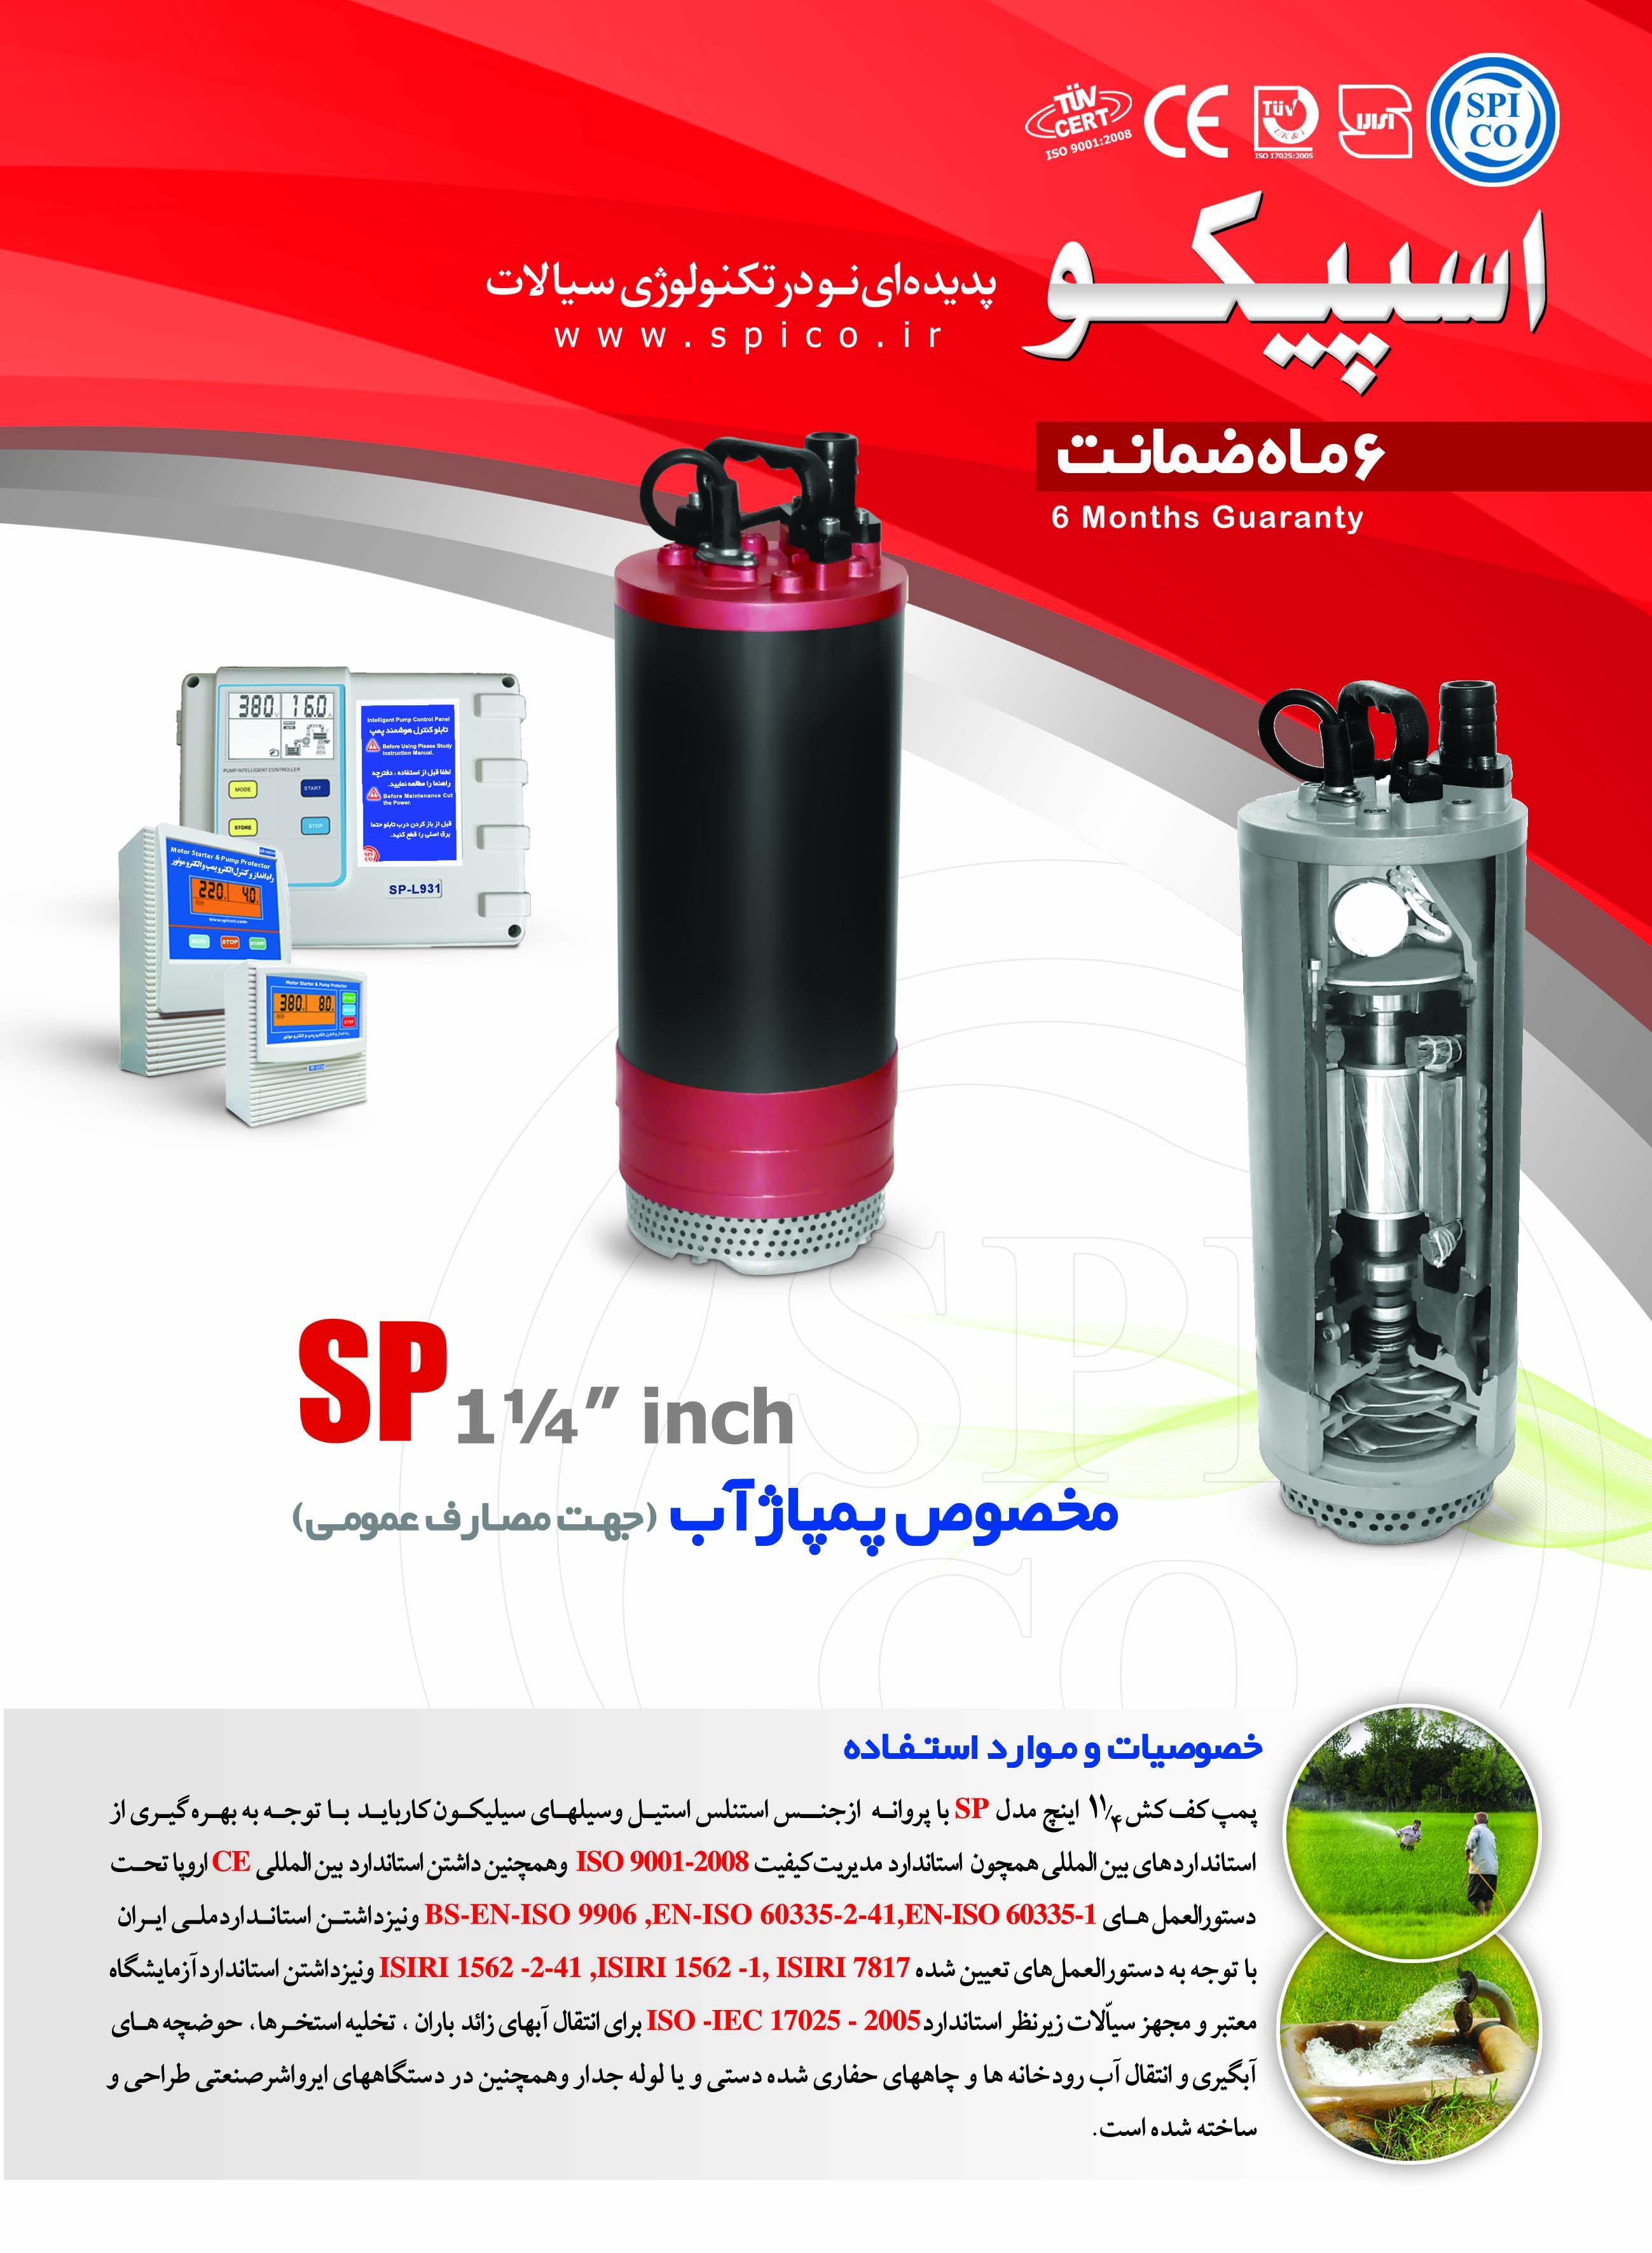 پمپ های کفکش اینچ SP-3